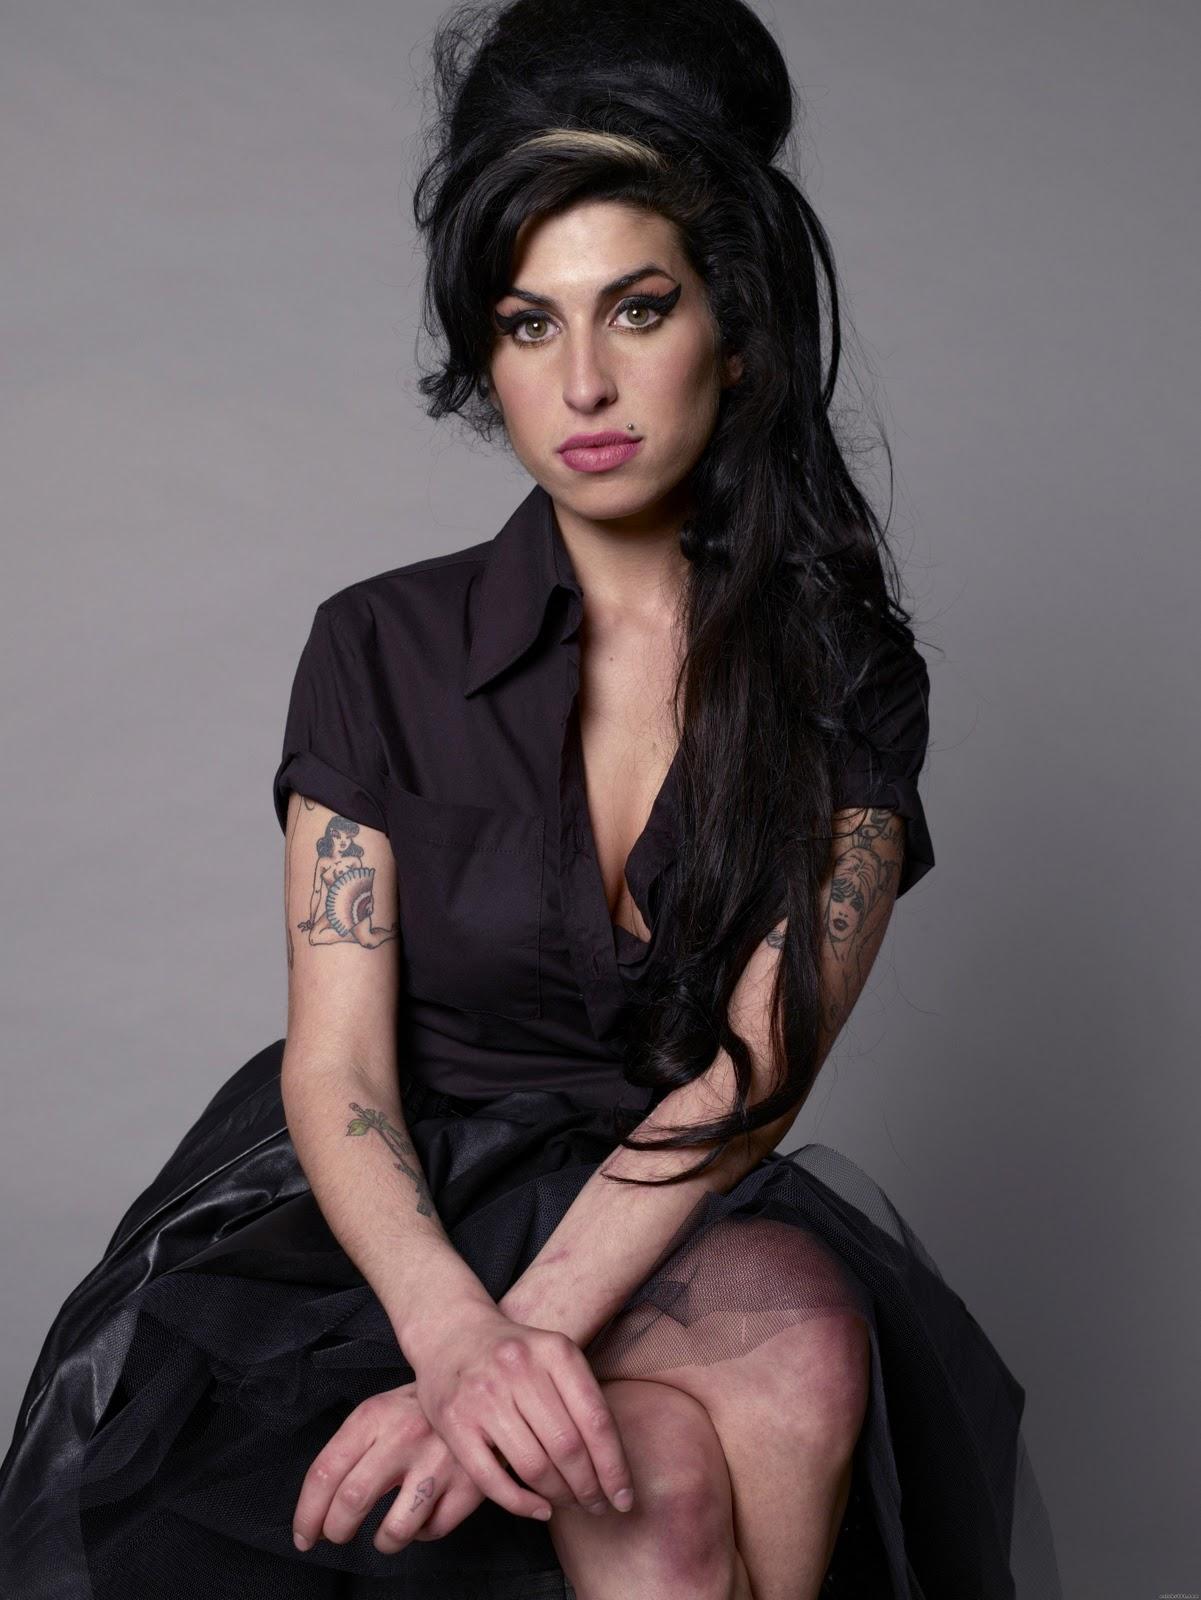 http://2.bp.blogspot.com/-7-pyC5X0Y8M/UFLsb0T08DI/AAAAAAAANdk/0_RPkrCzty0/s1600/Amy_Winehouse_4.jpeg